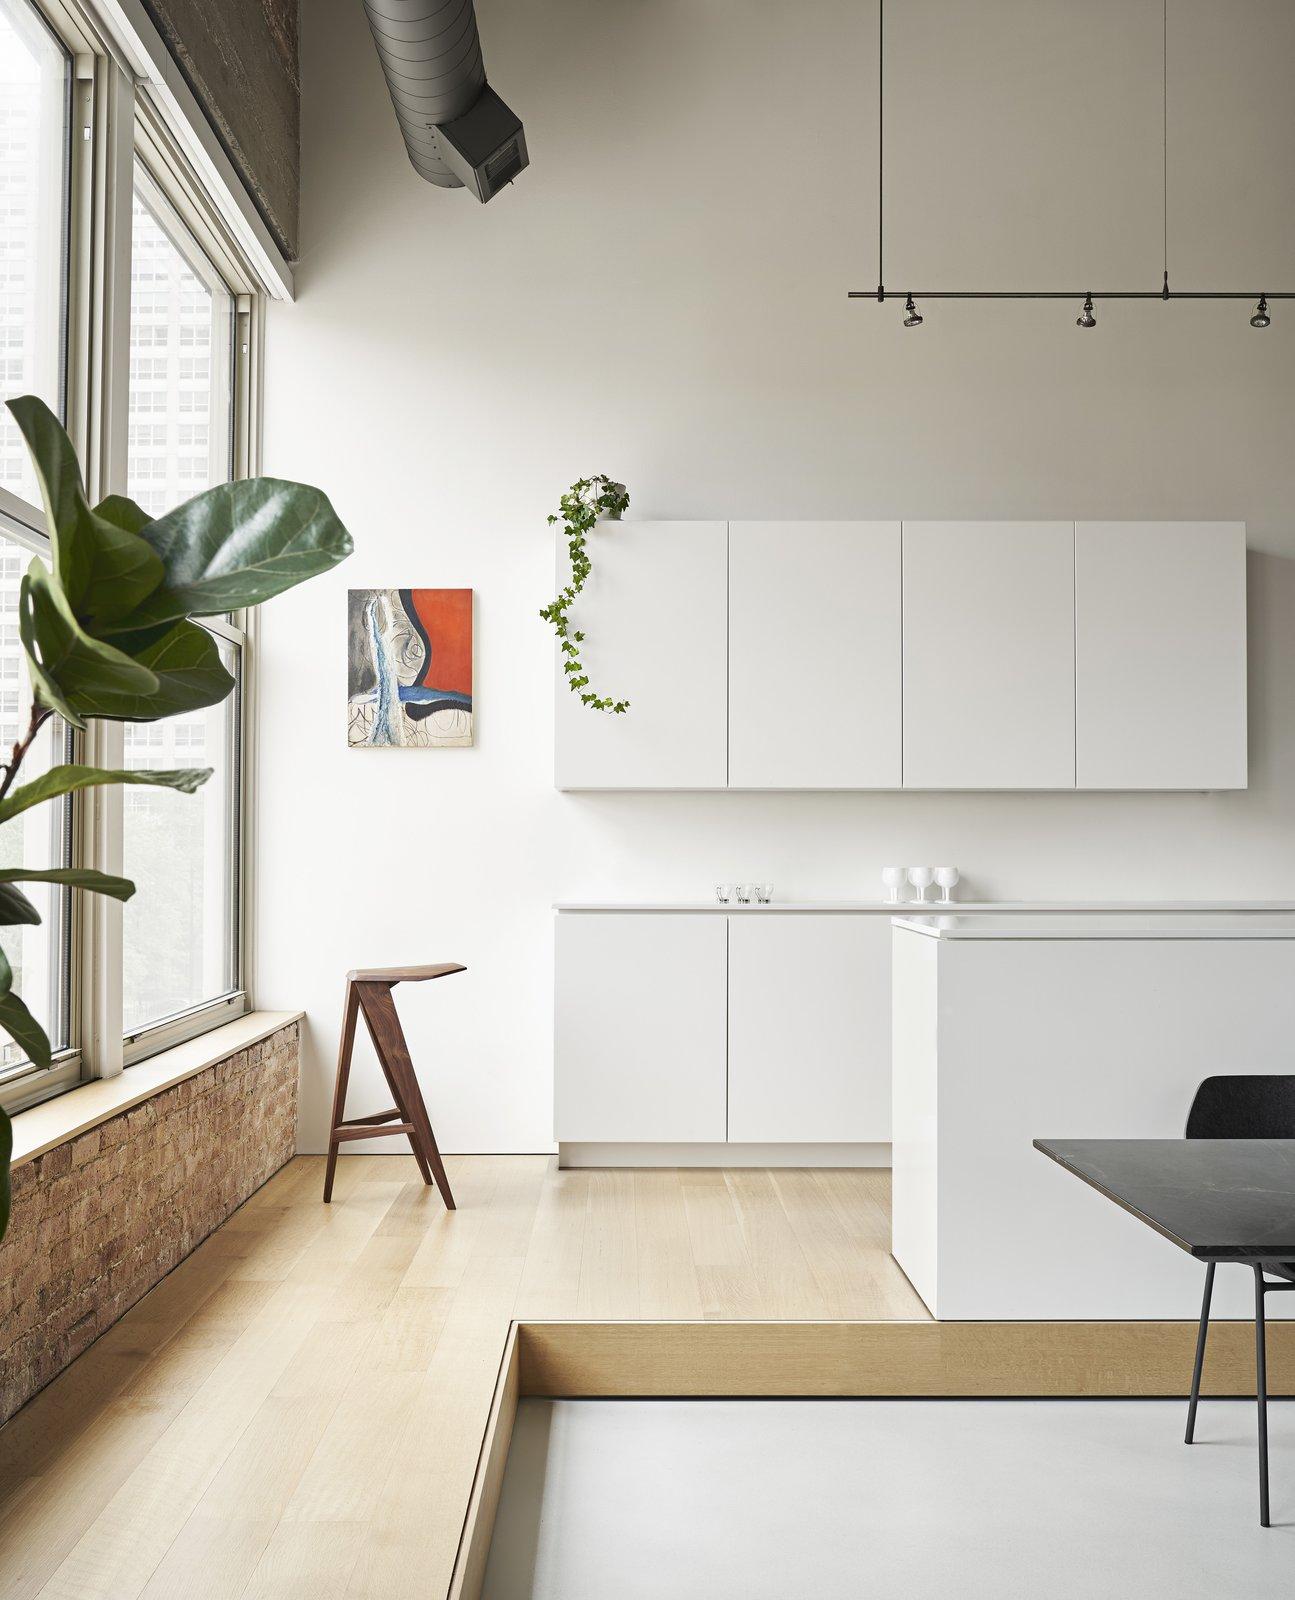 Michigan Loft by Vladimir Radutny Architects kitchen